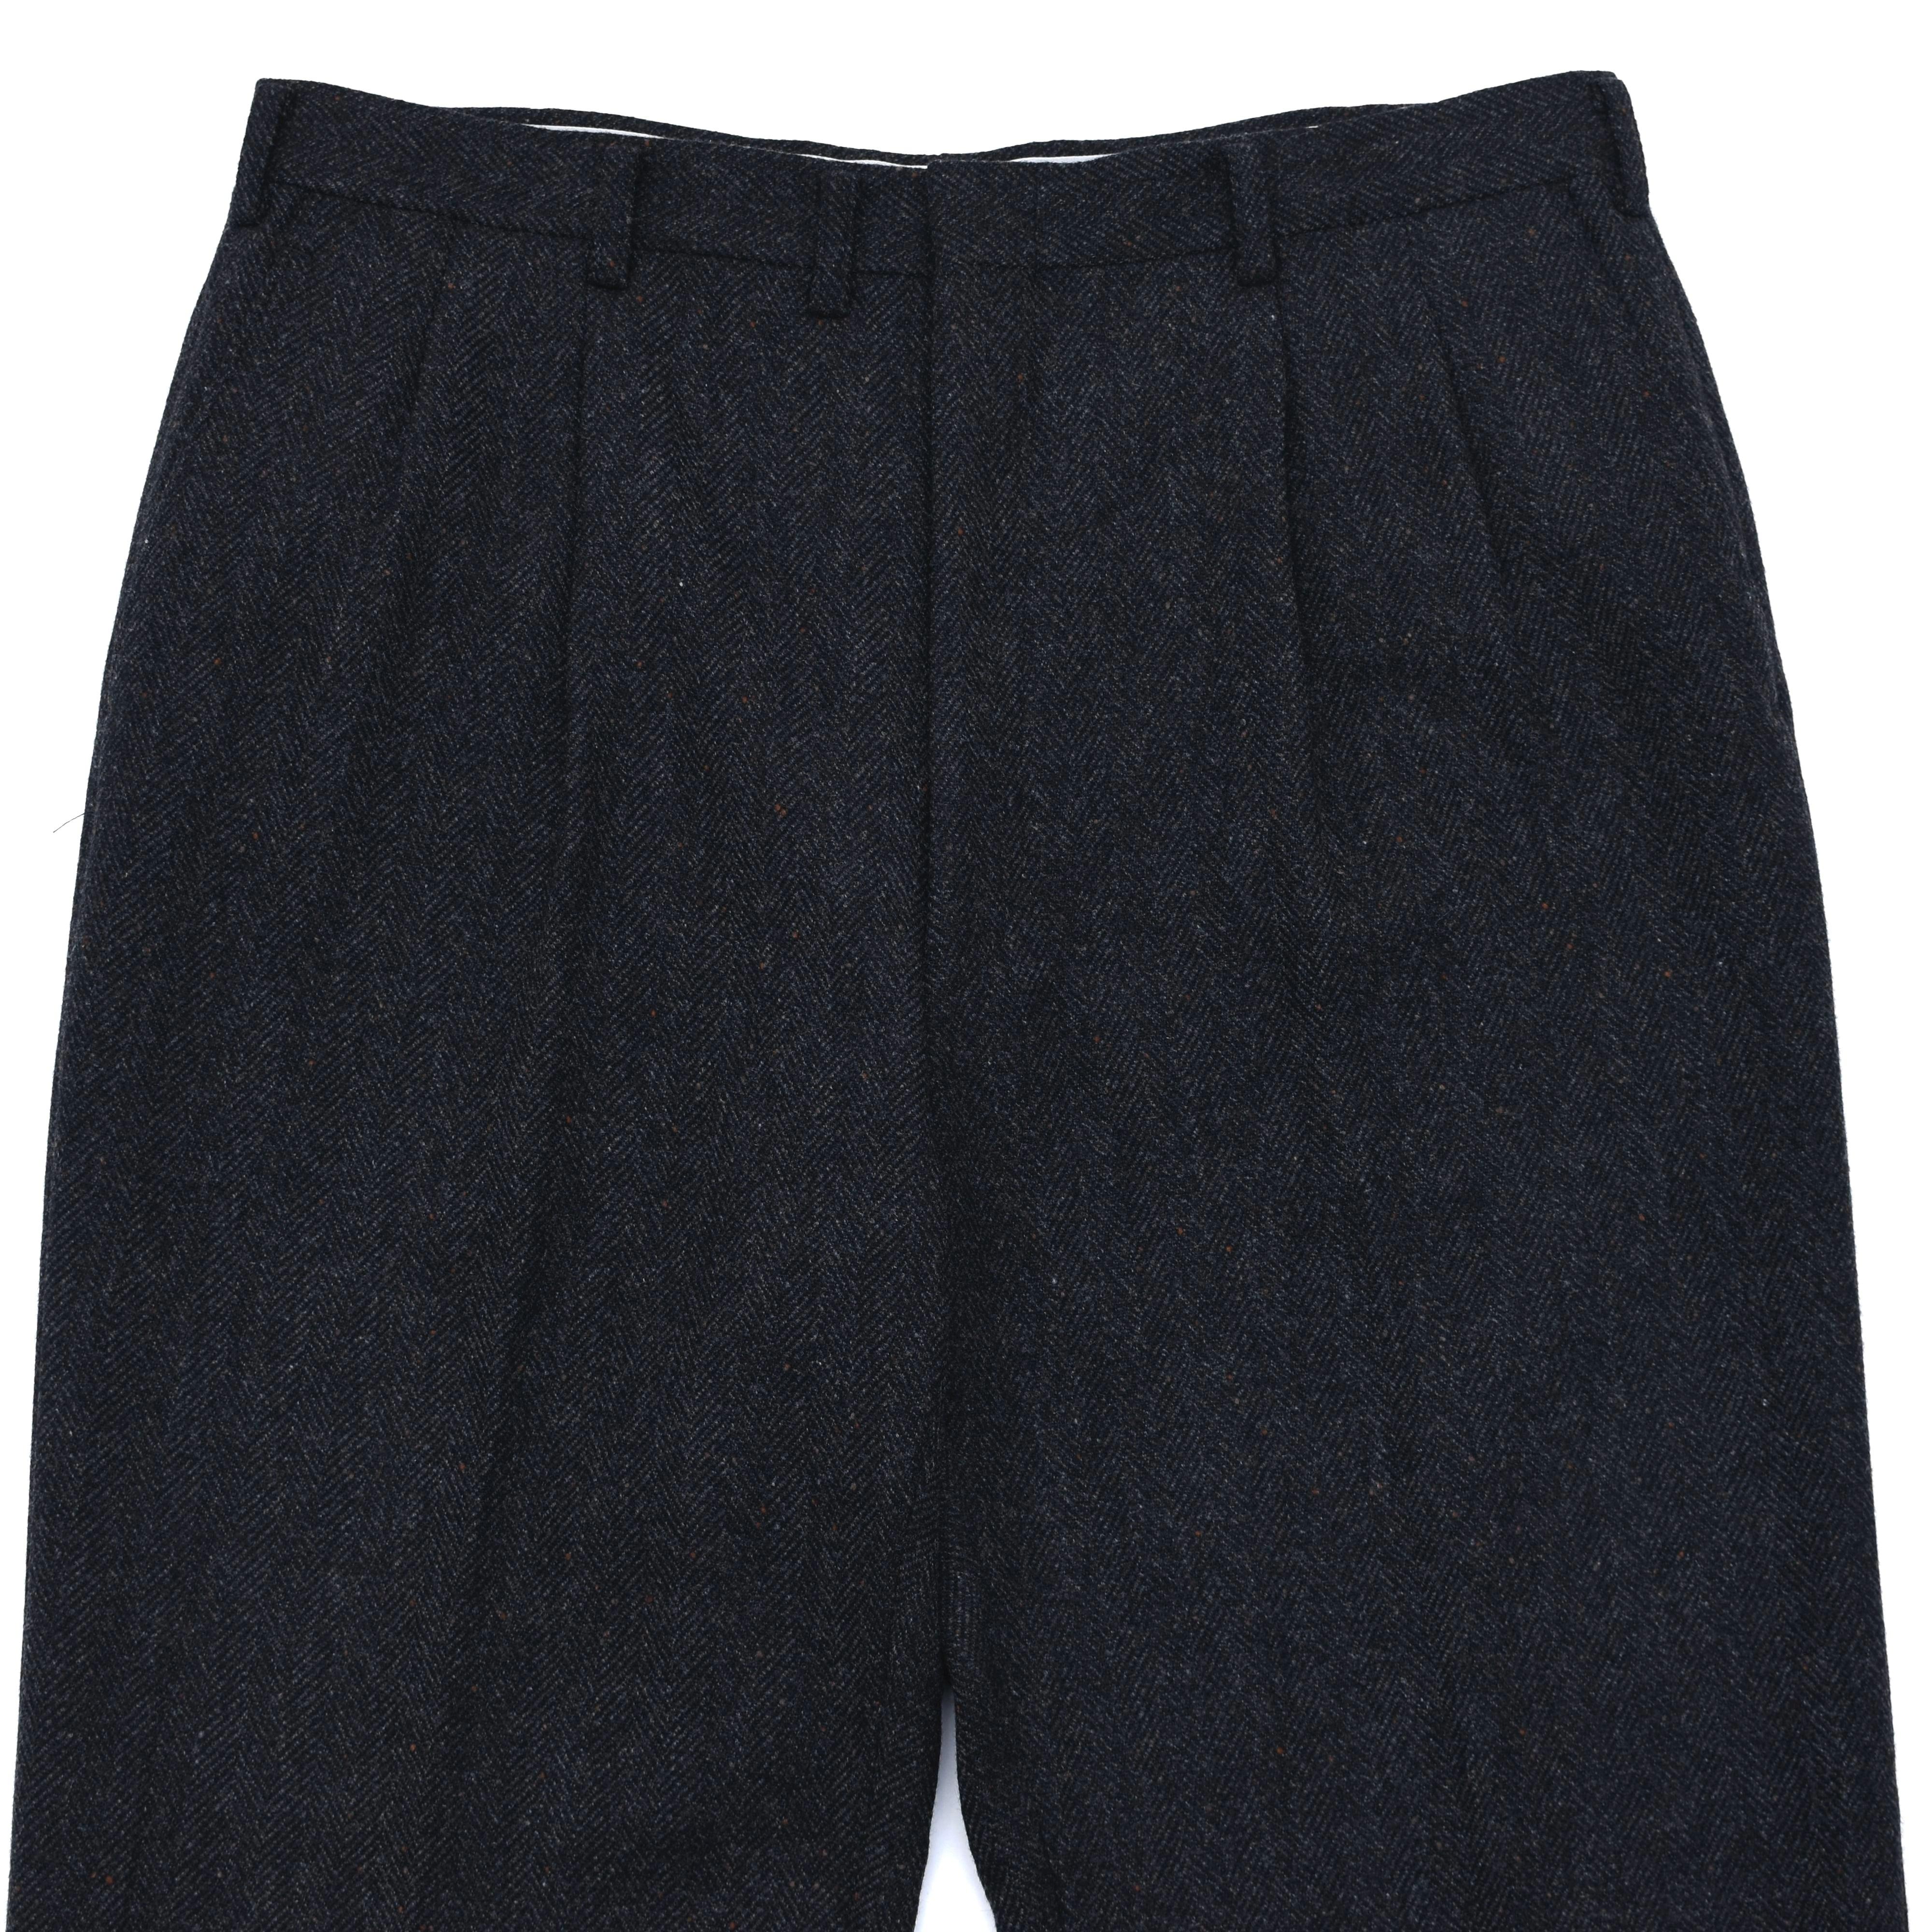 Herringbone donegal tweed wool slacks